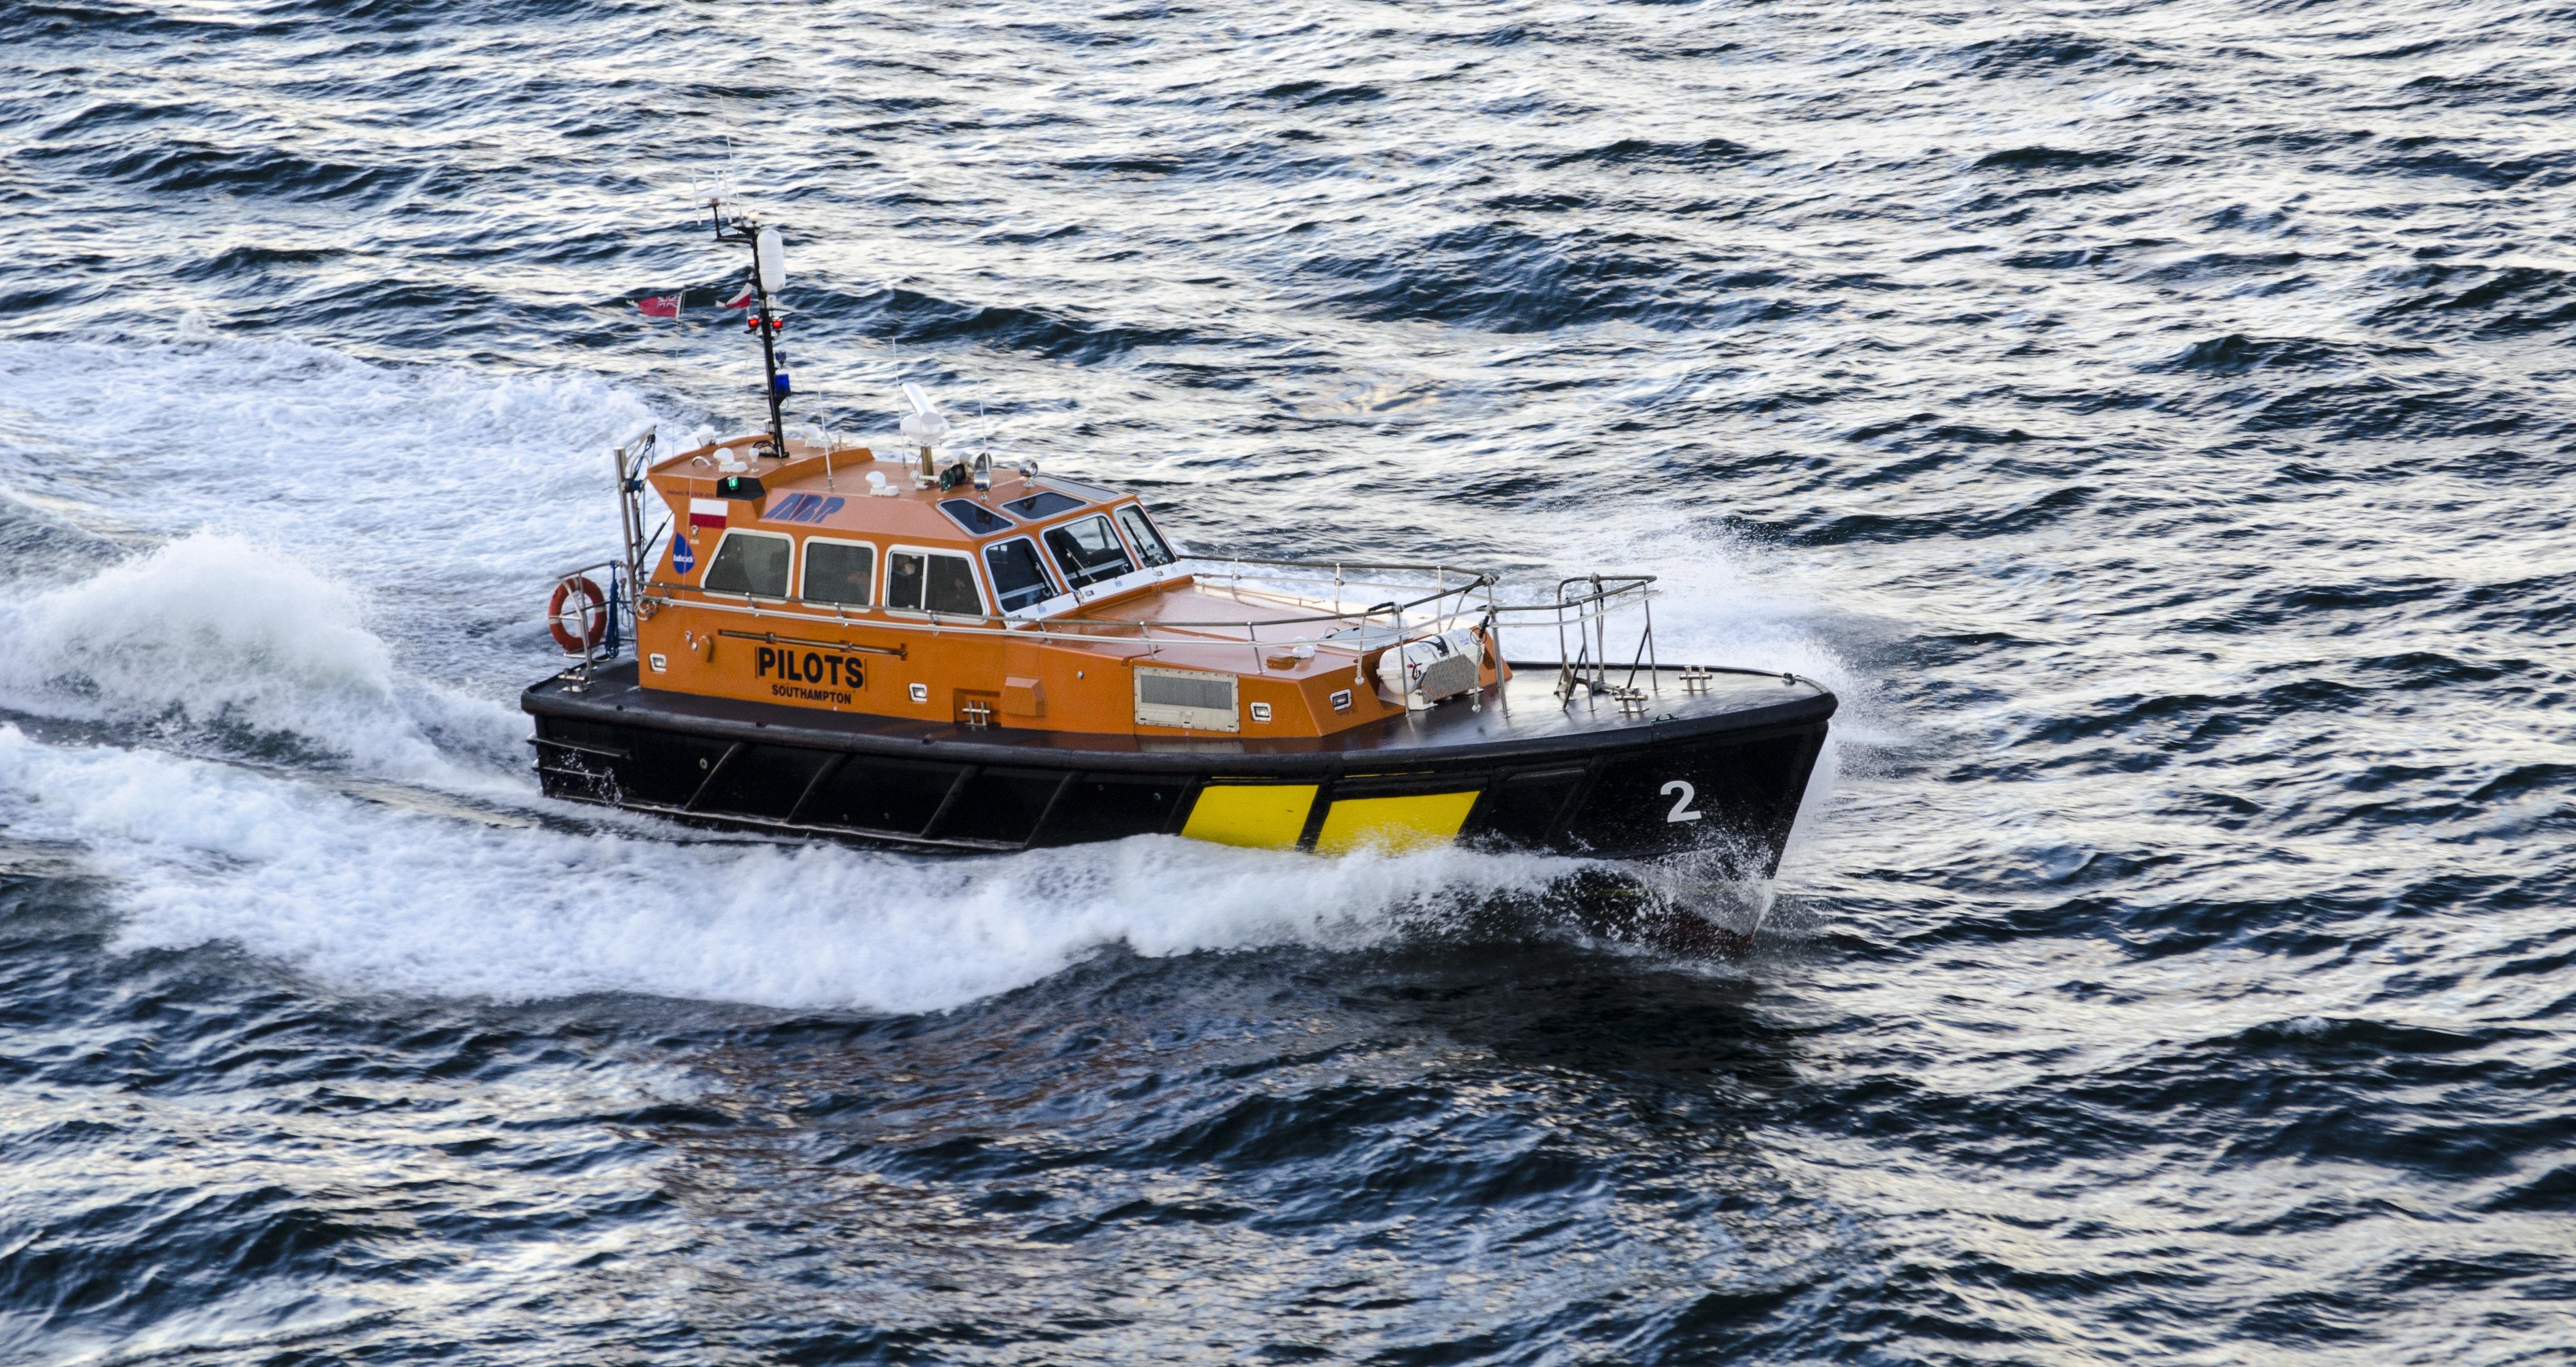 фото морских катеров смартфон